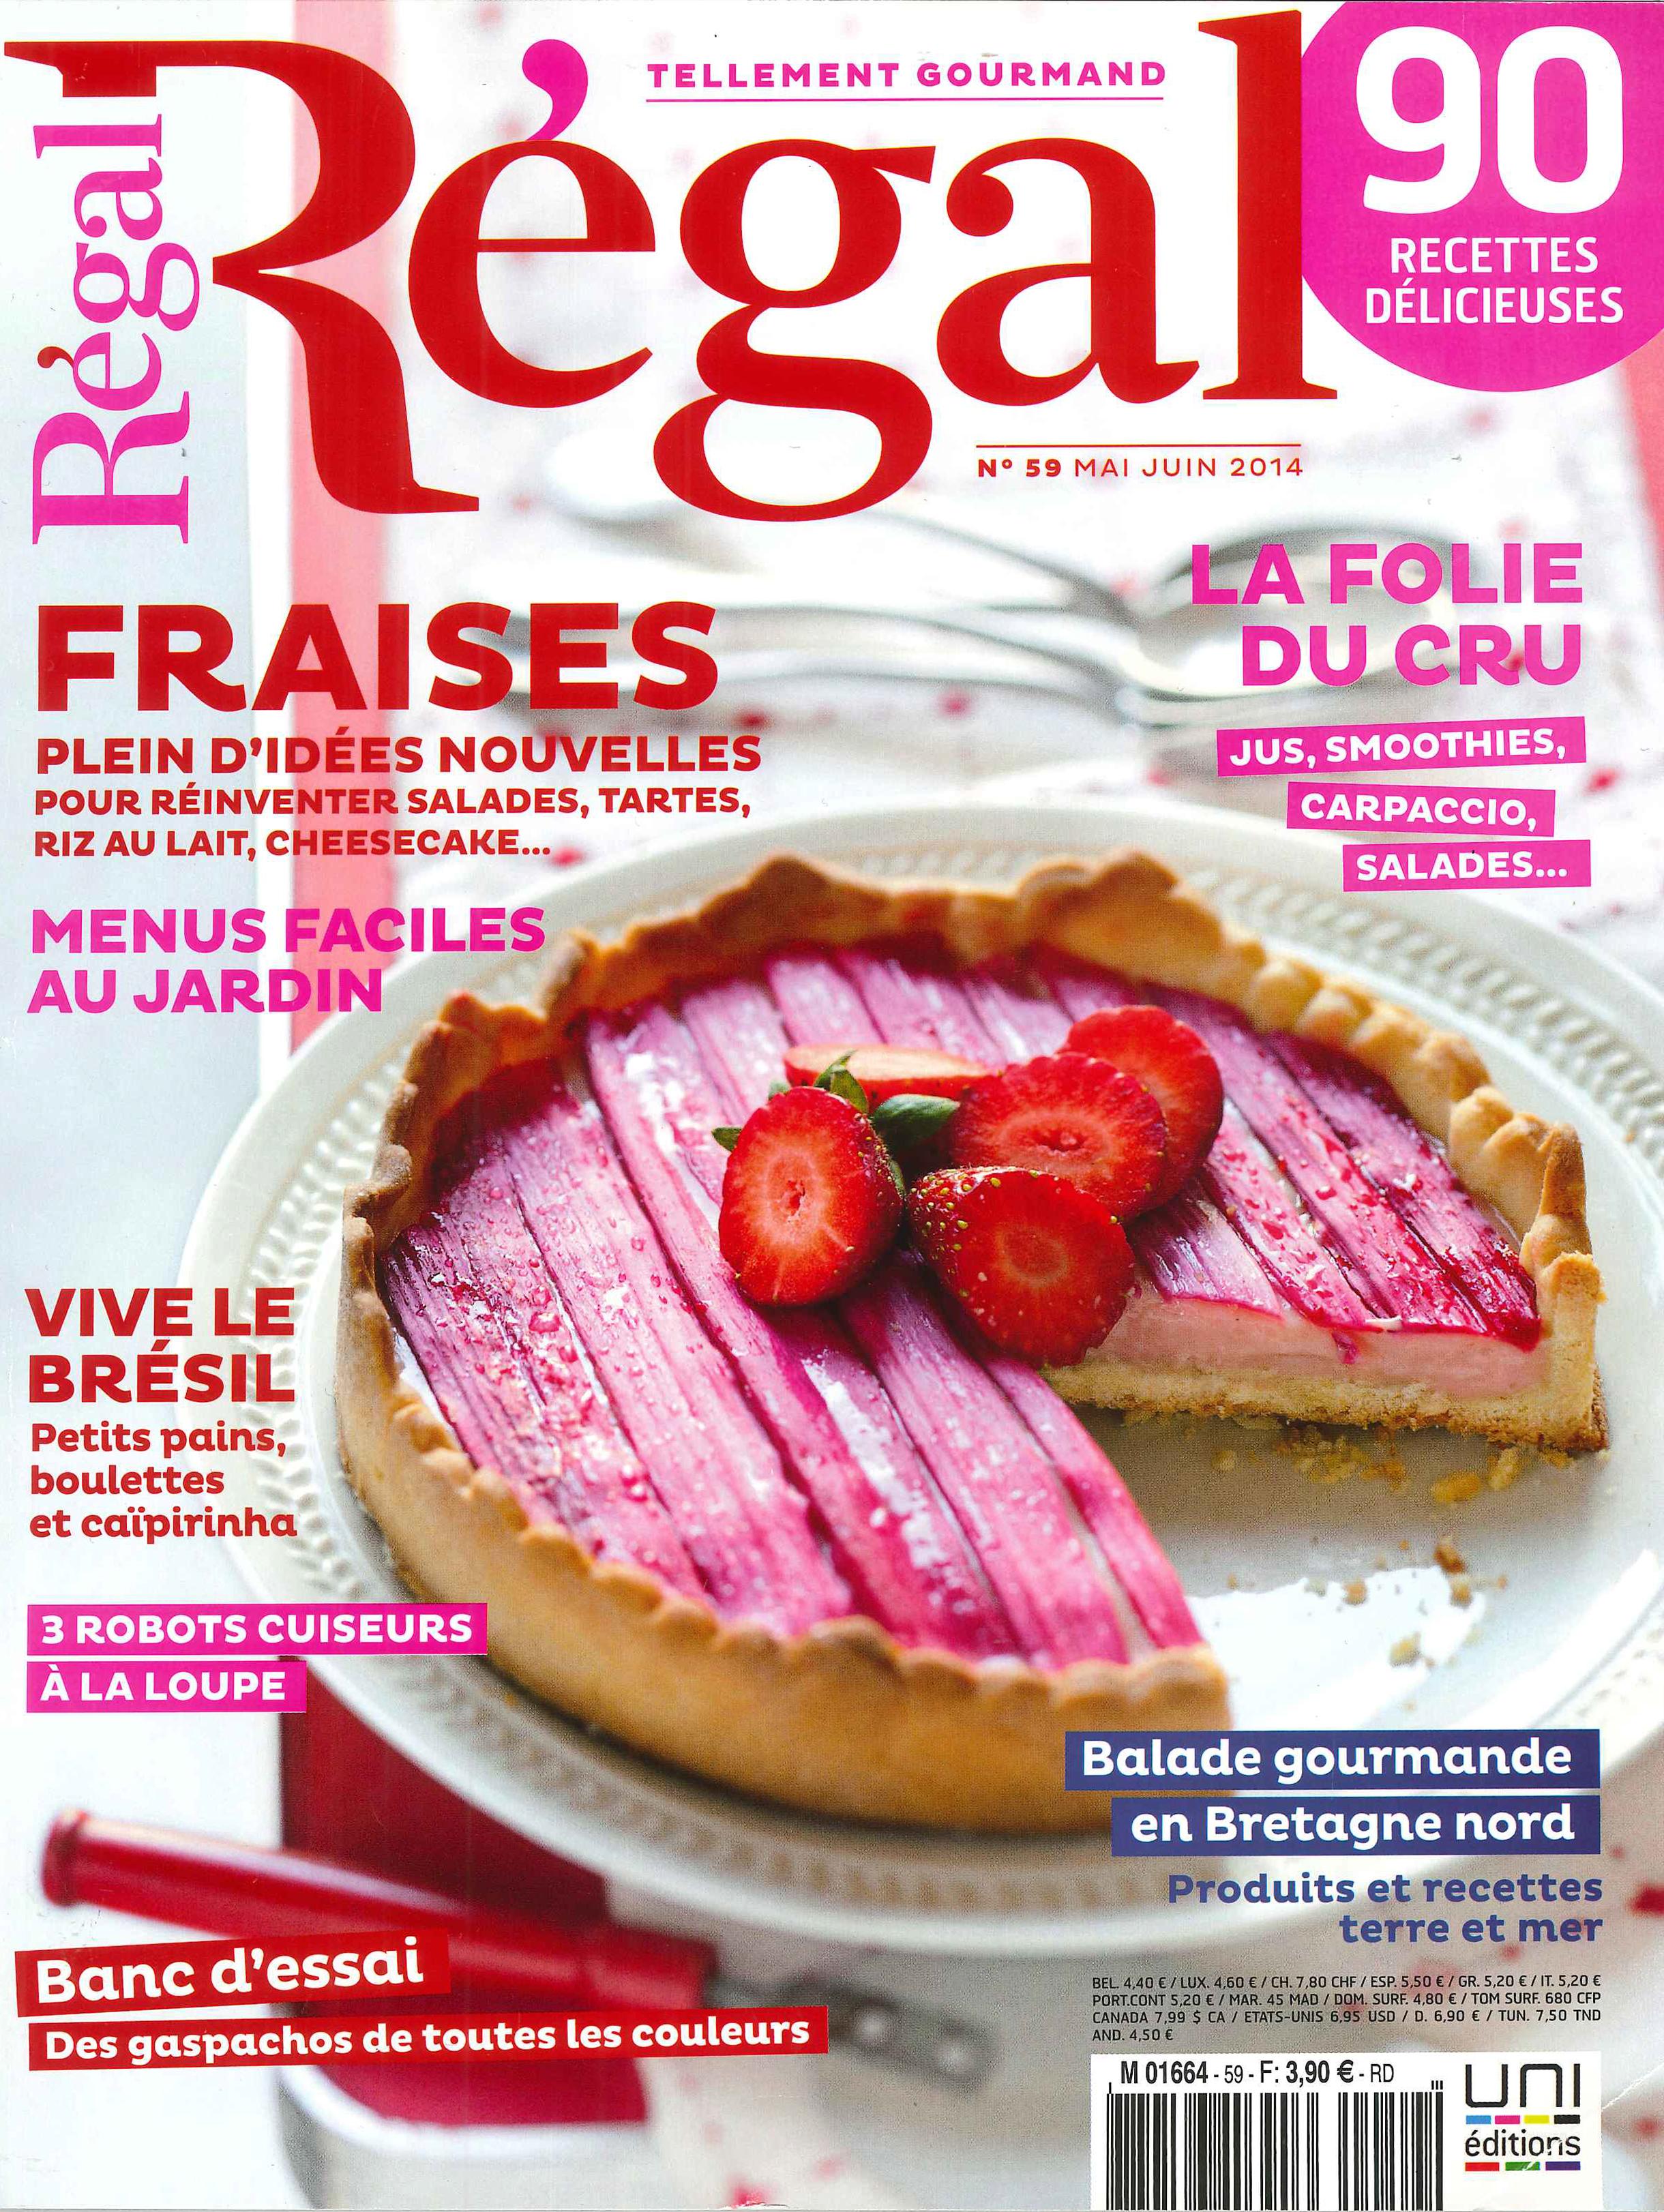 Régal n°59 Mai-Juin 2014